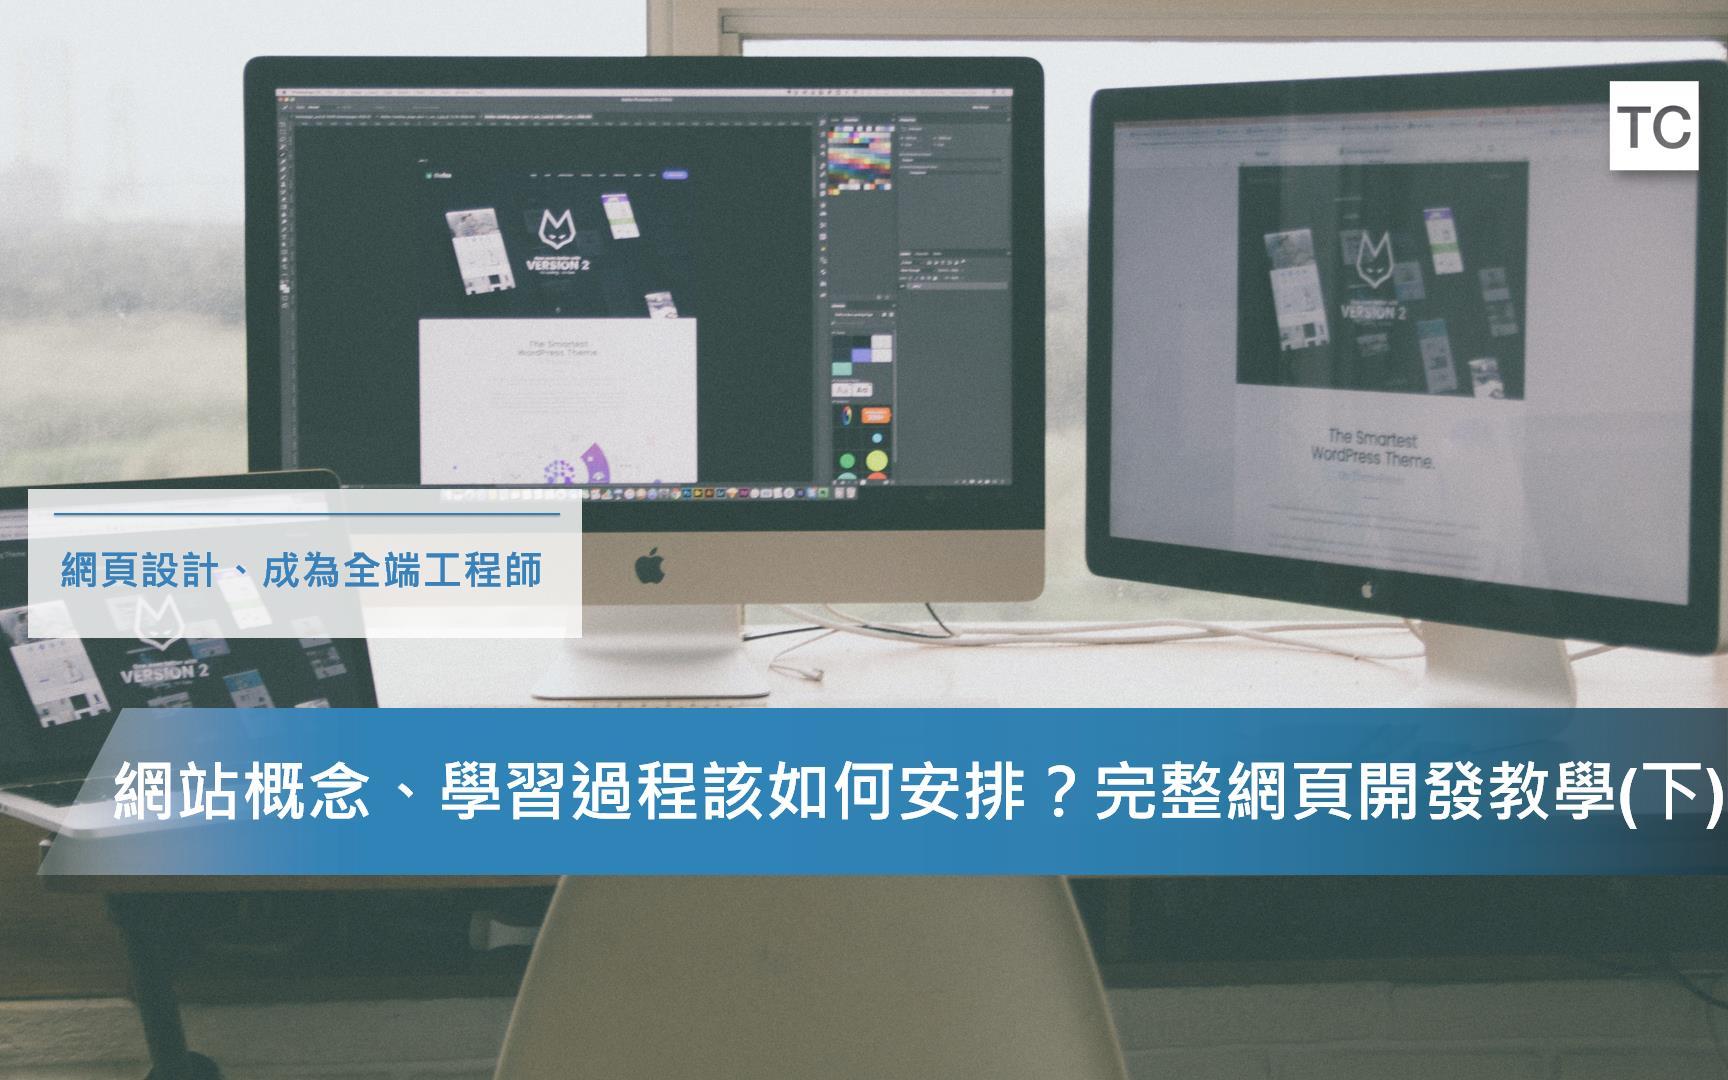 【網頁設計】架站編程學習之路要怎麼走?完整網頁開發教學(下)